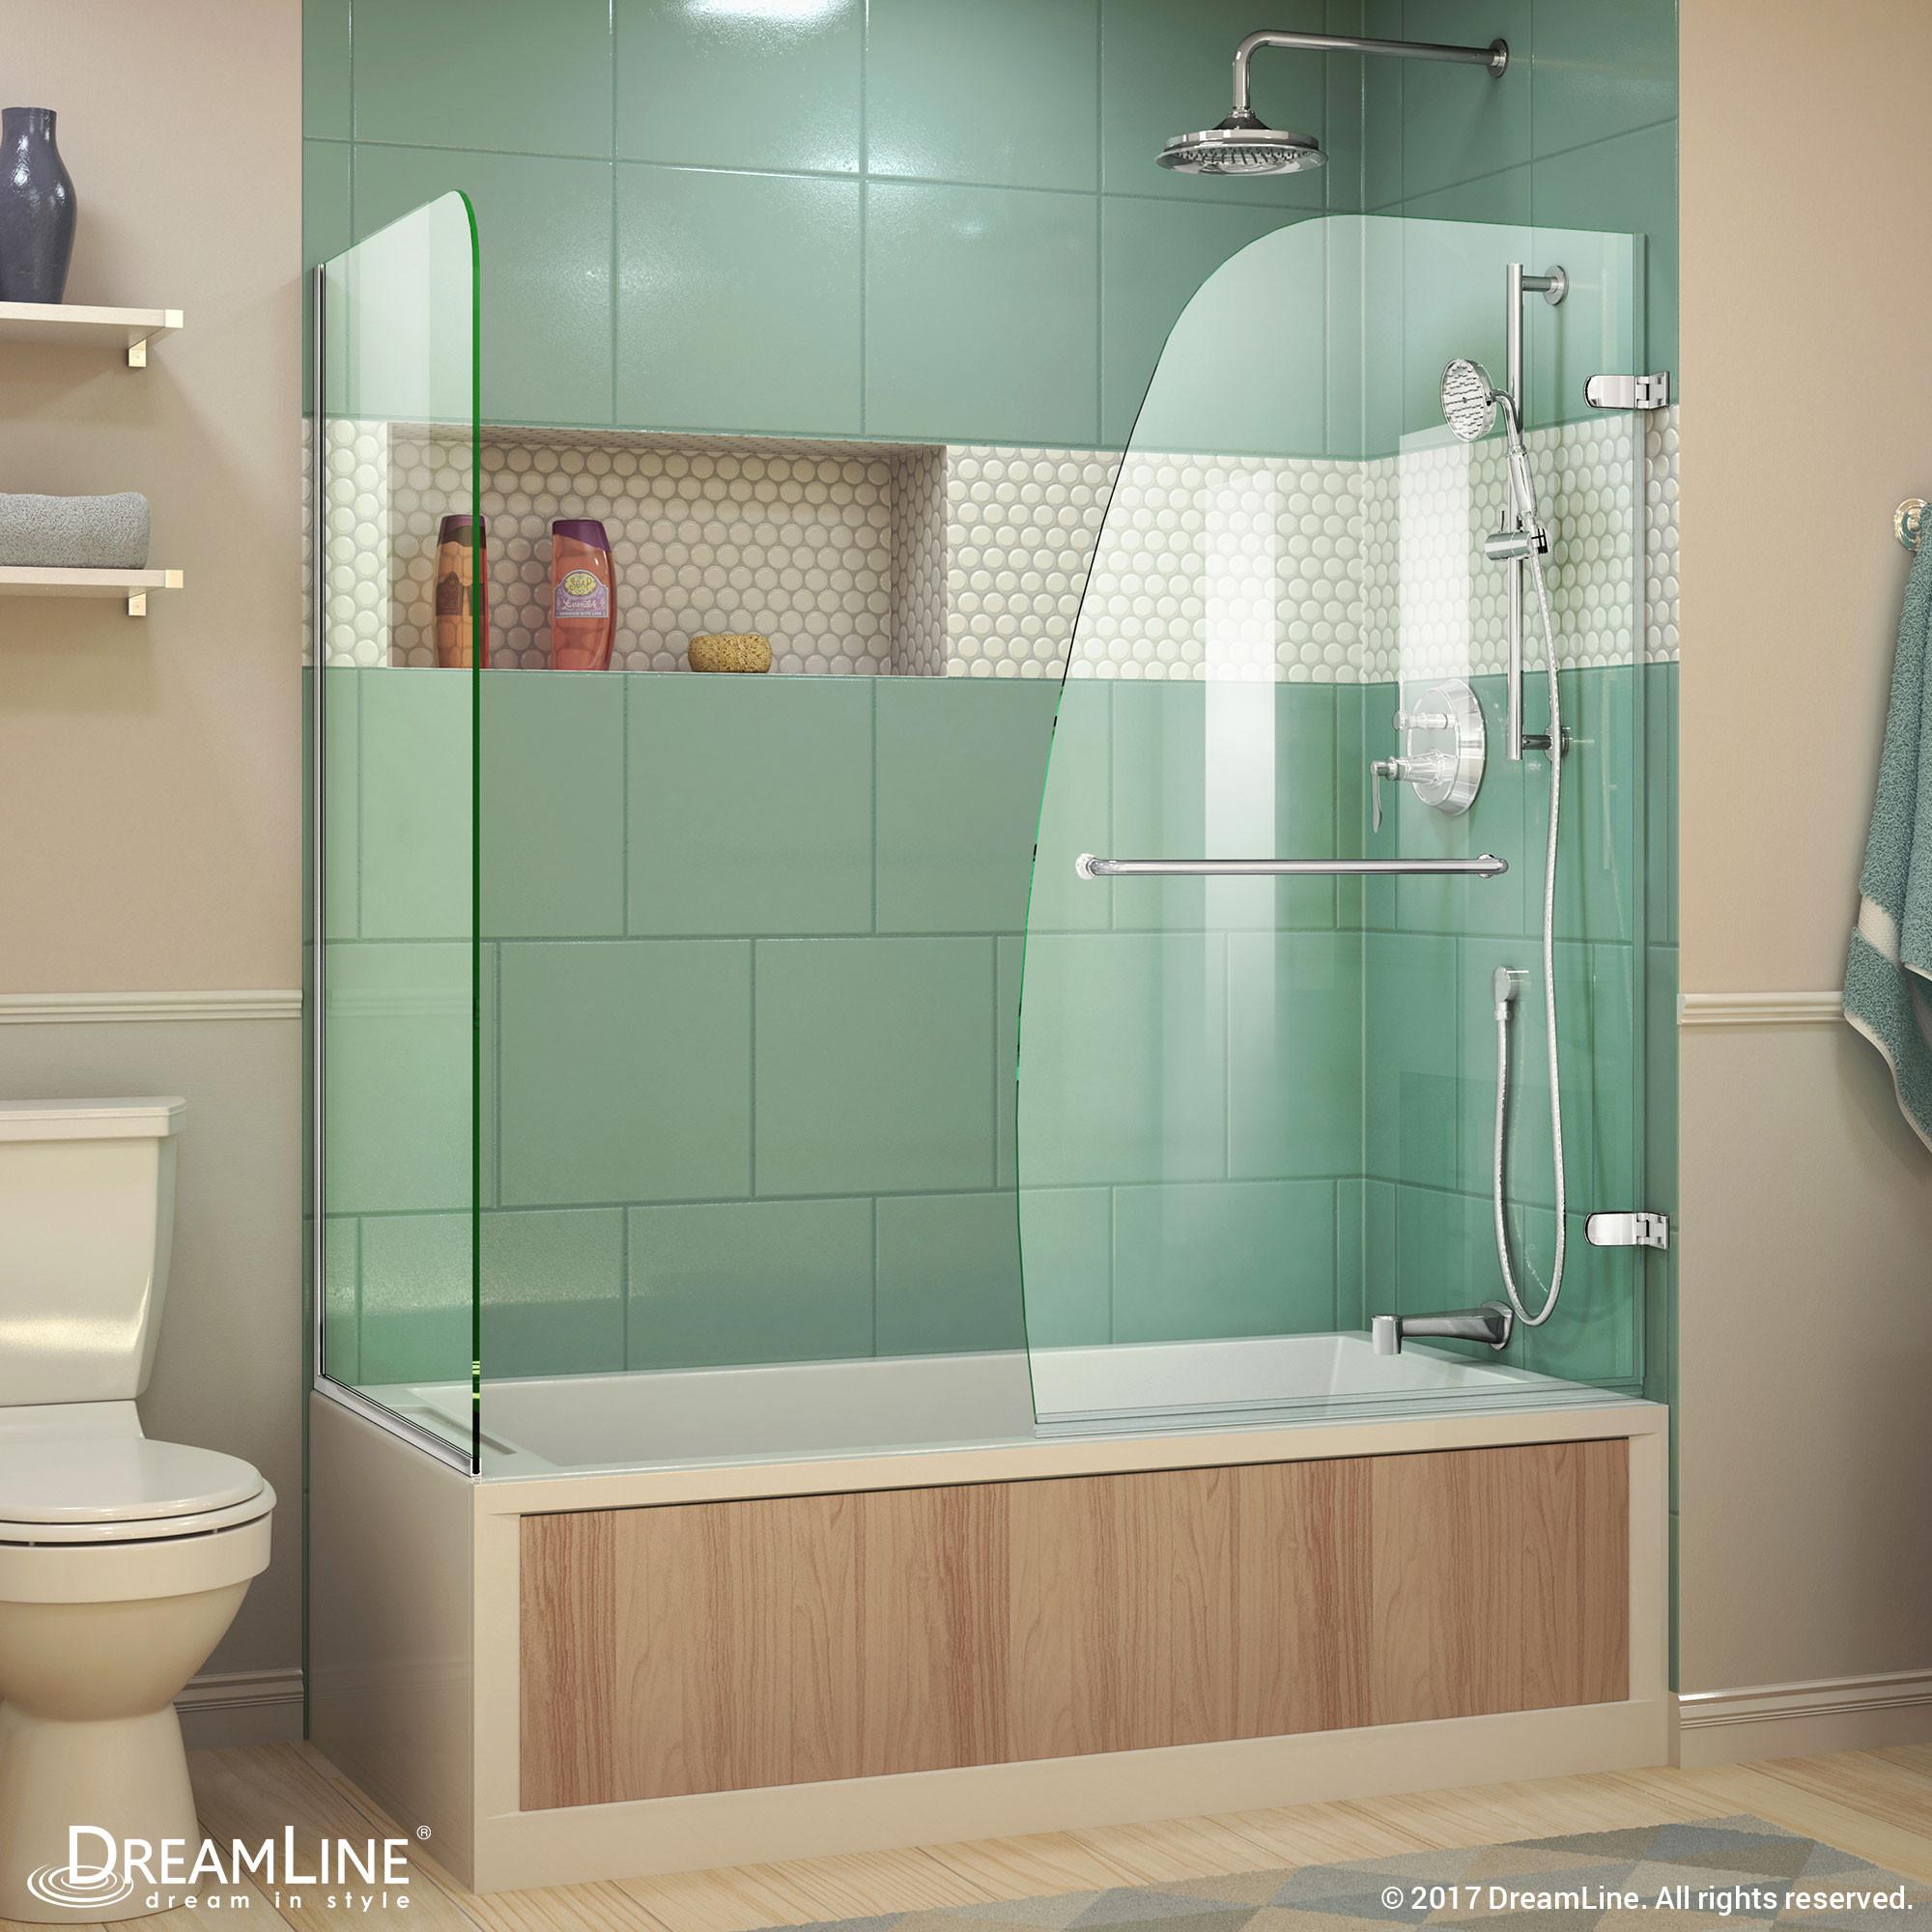 """DreamLine SHDR-3534586-RT-01 Chrome Aqua Uno 56 to 60 x 30 x 58"""" Hinged Tub Door"""